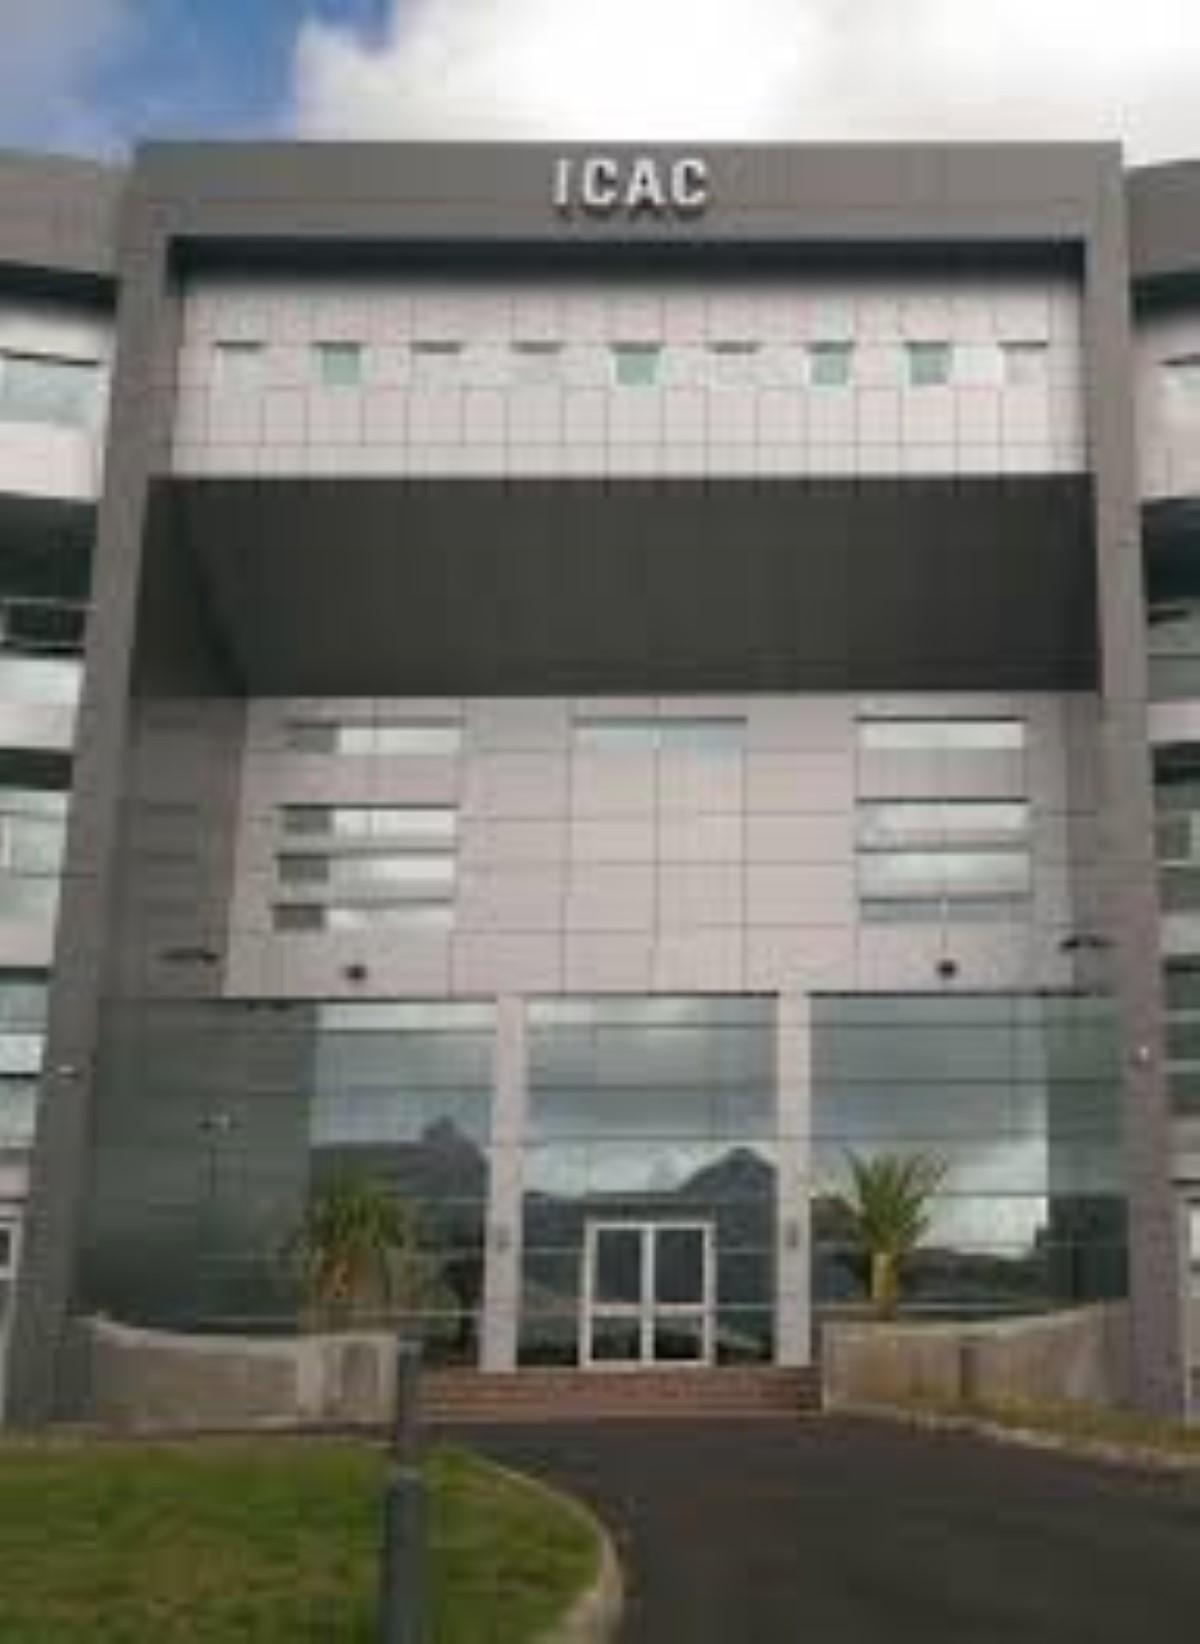 La réunion du comité parlementaire de l'Icac renvoyée